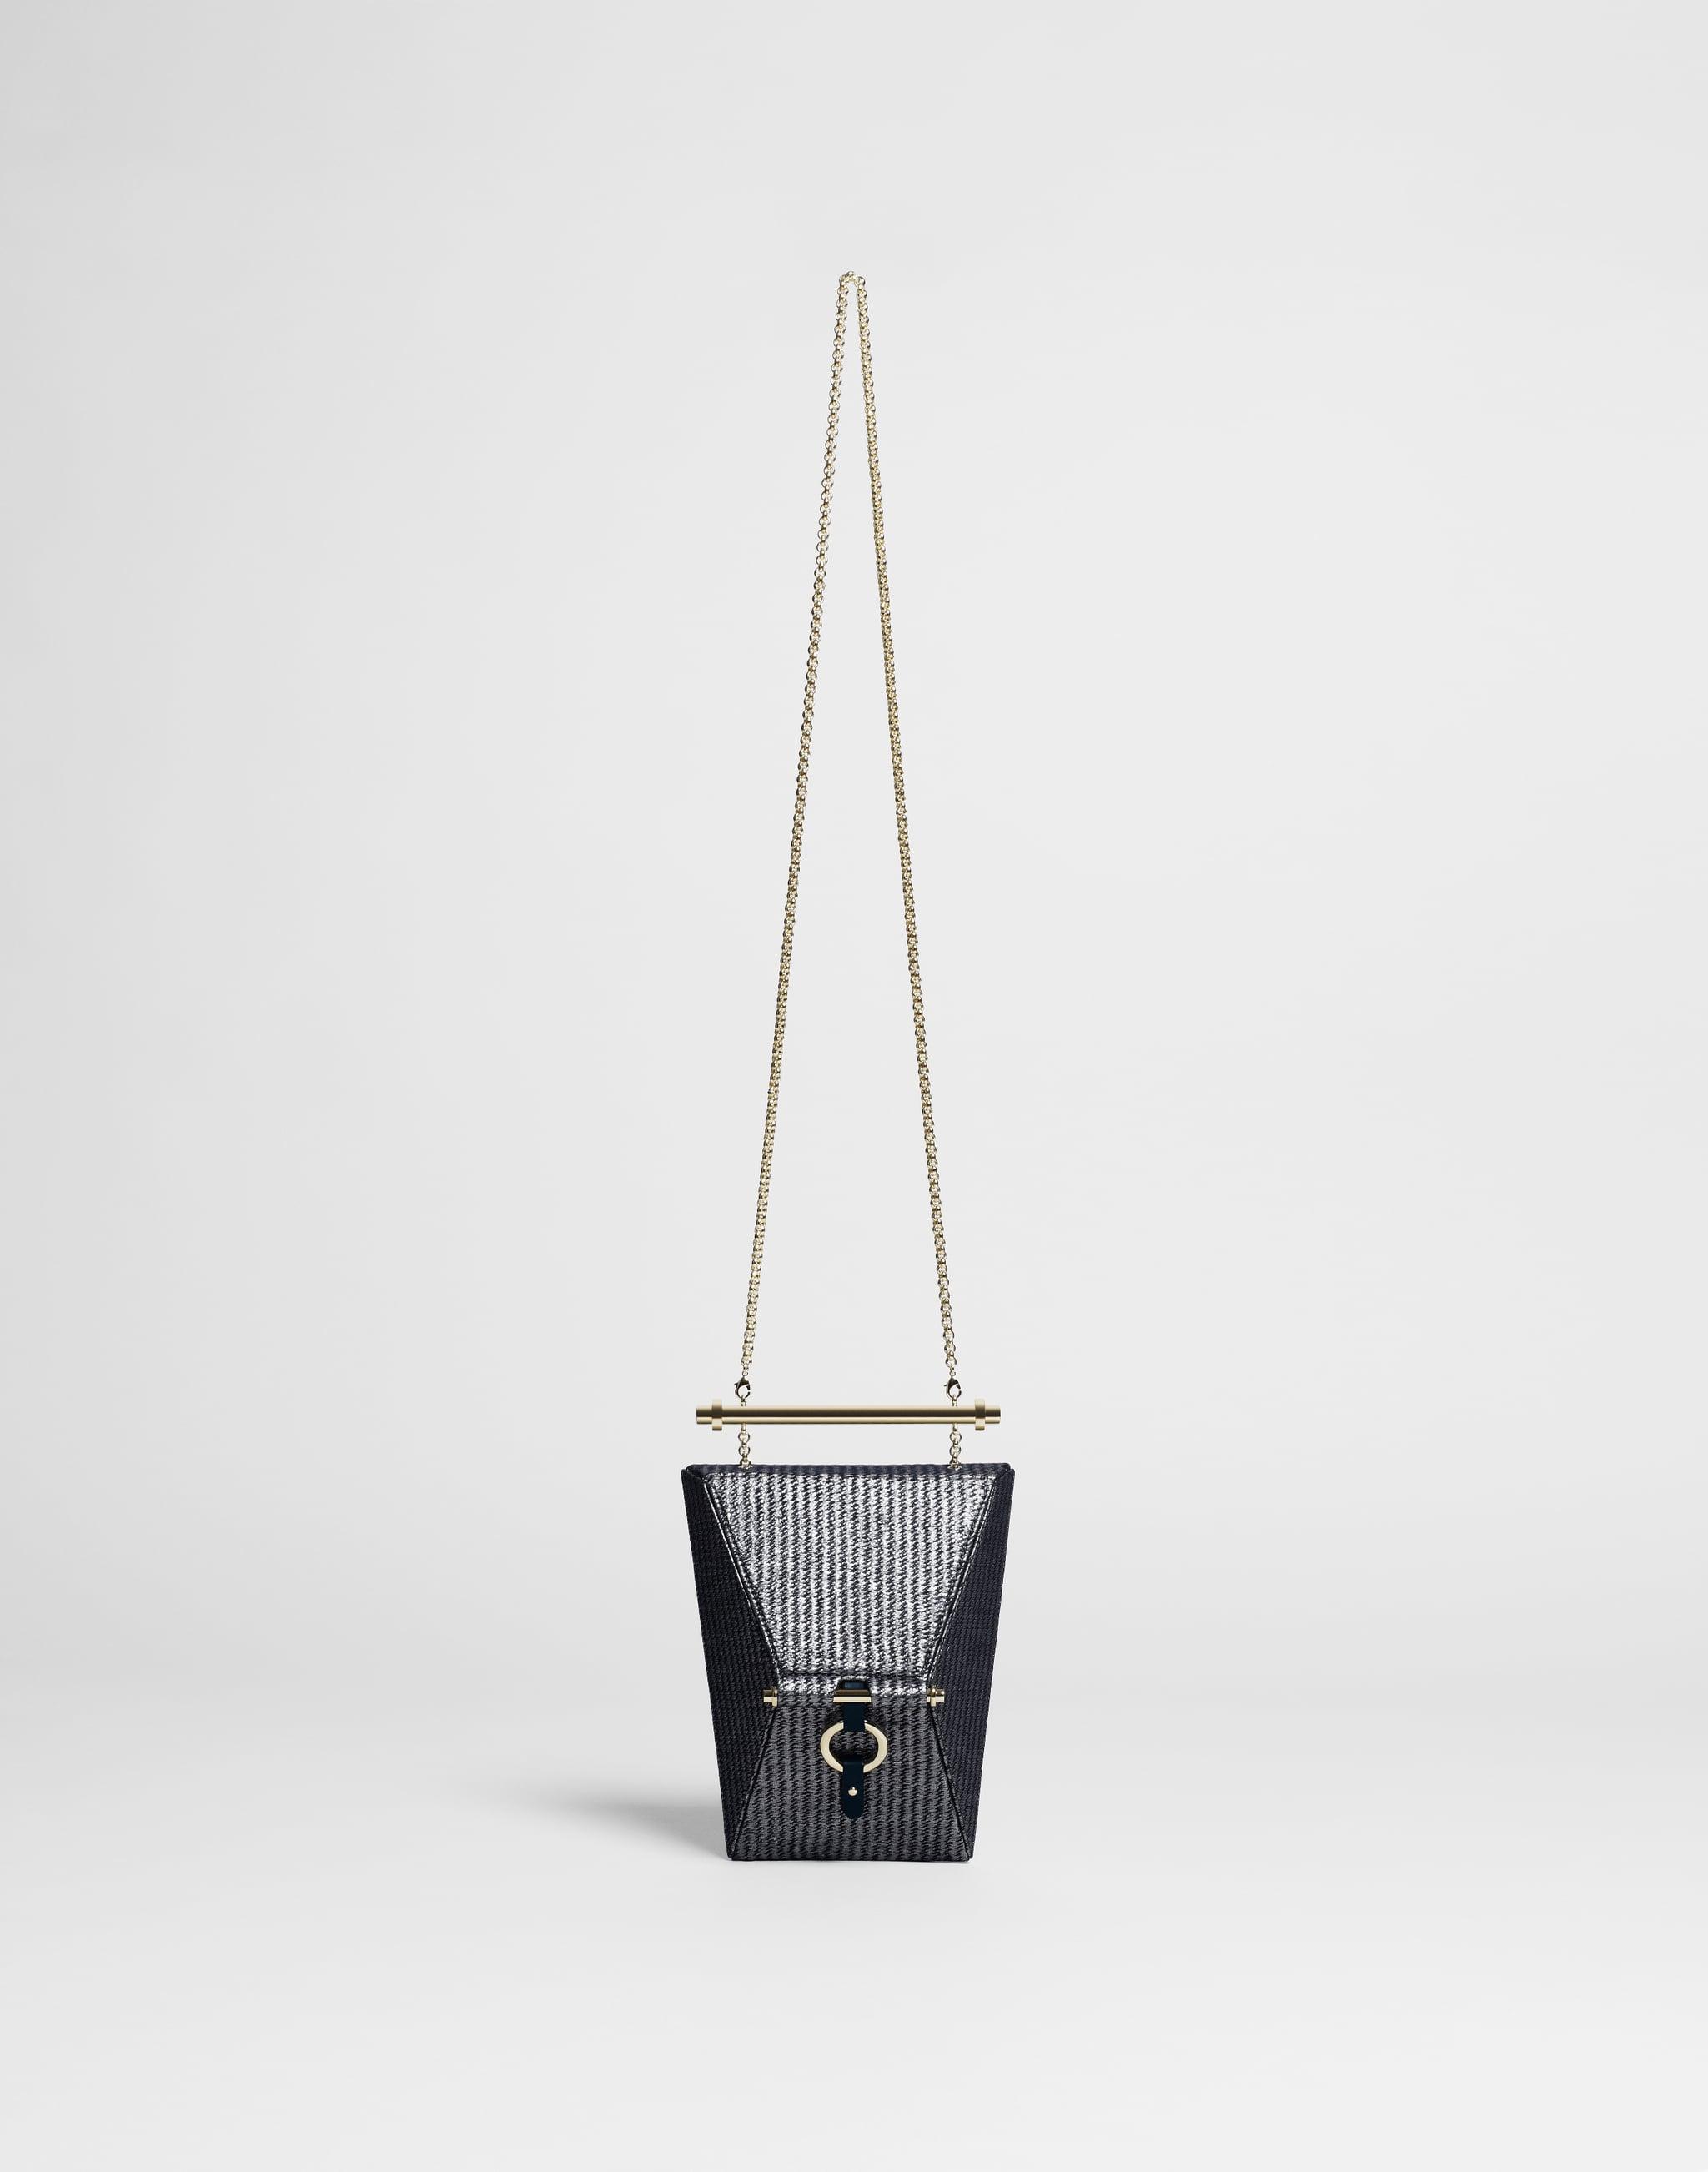 Yiqing Yin ($1,500)